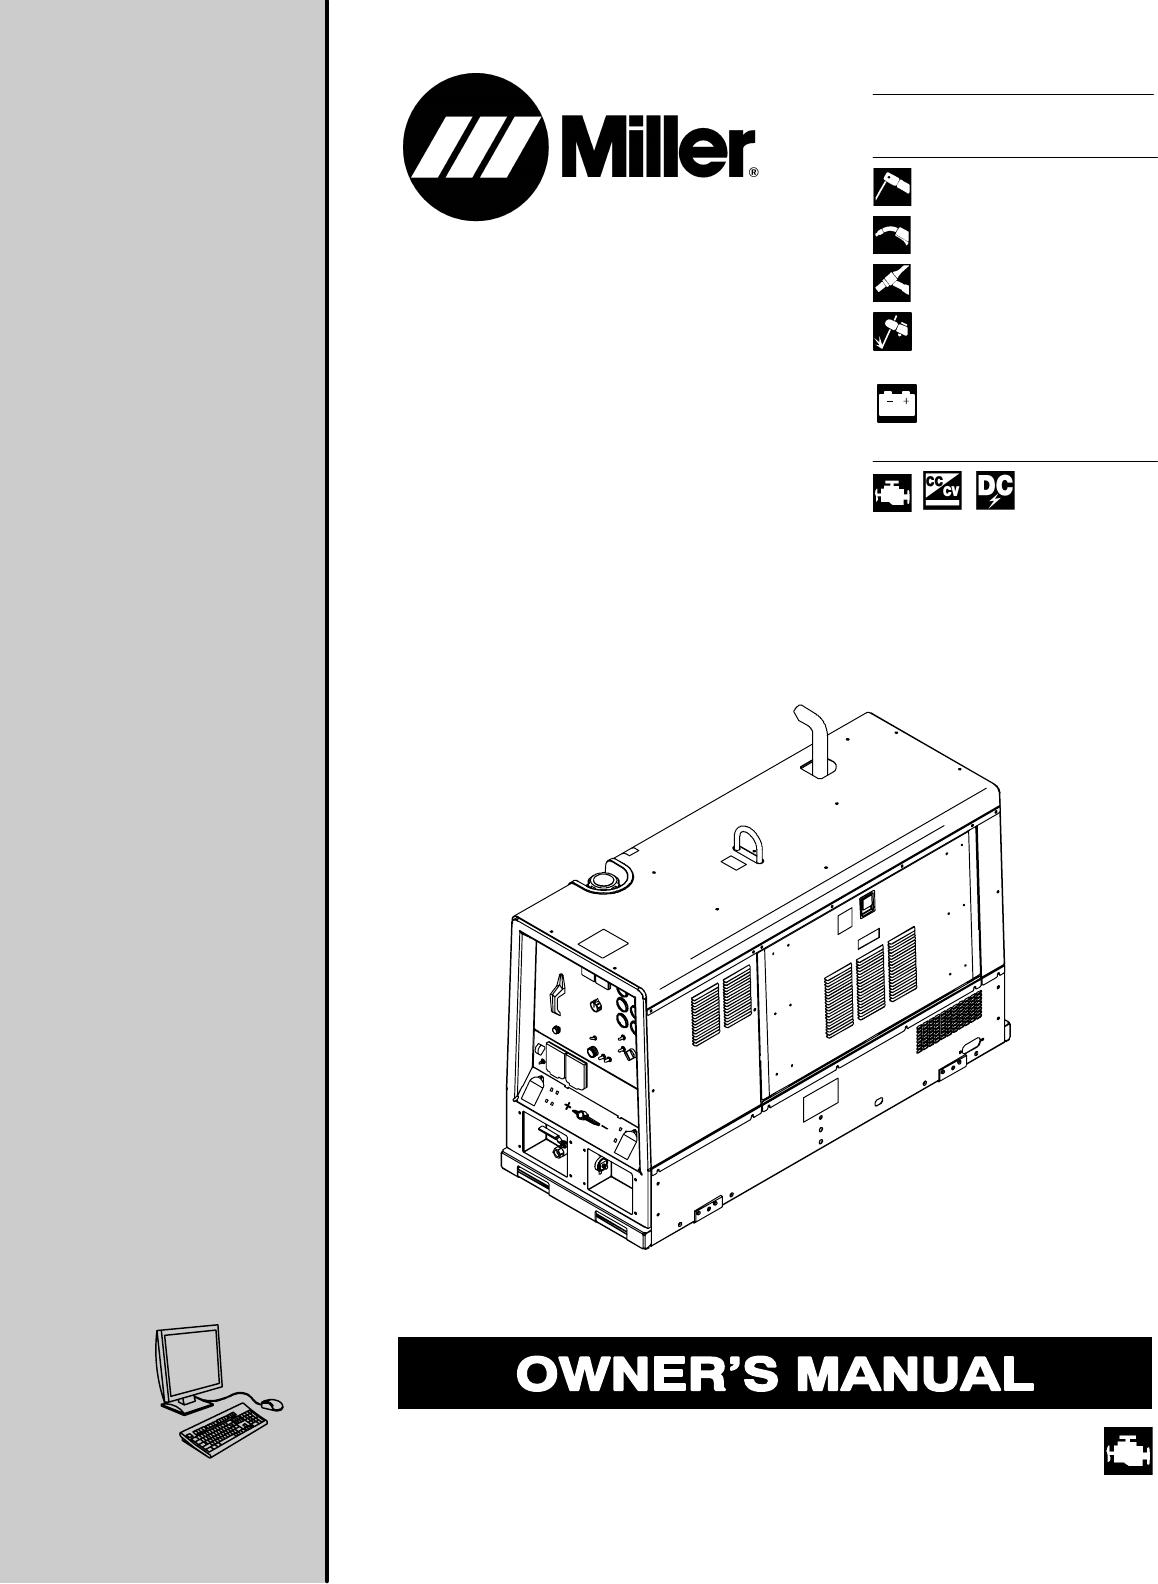 Miller Electric Welding System OM-4409 User Guide